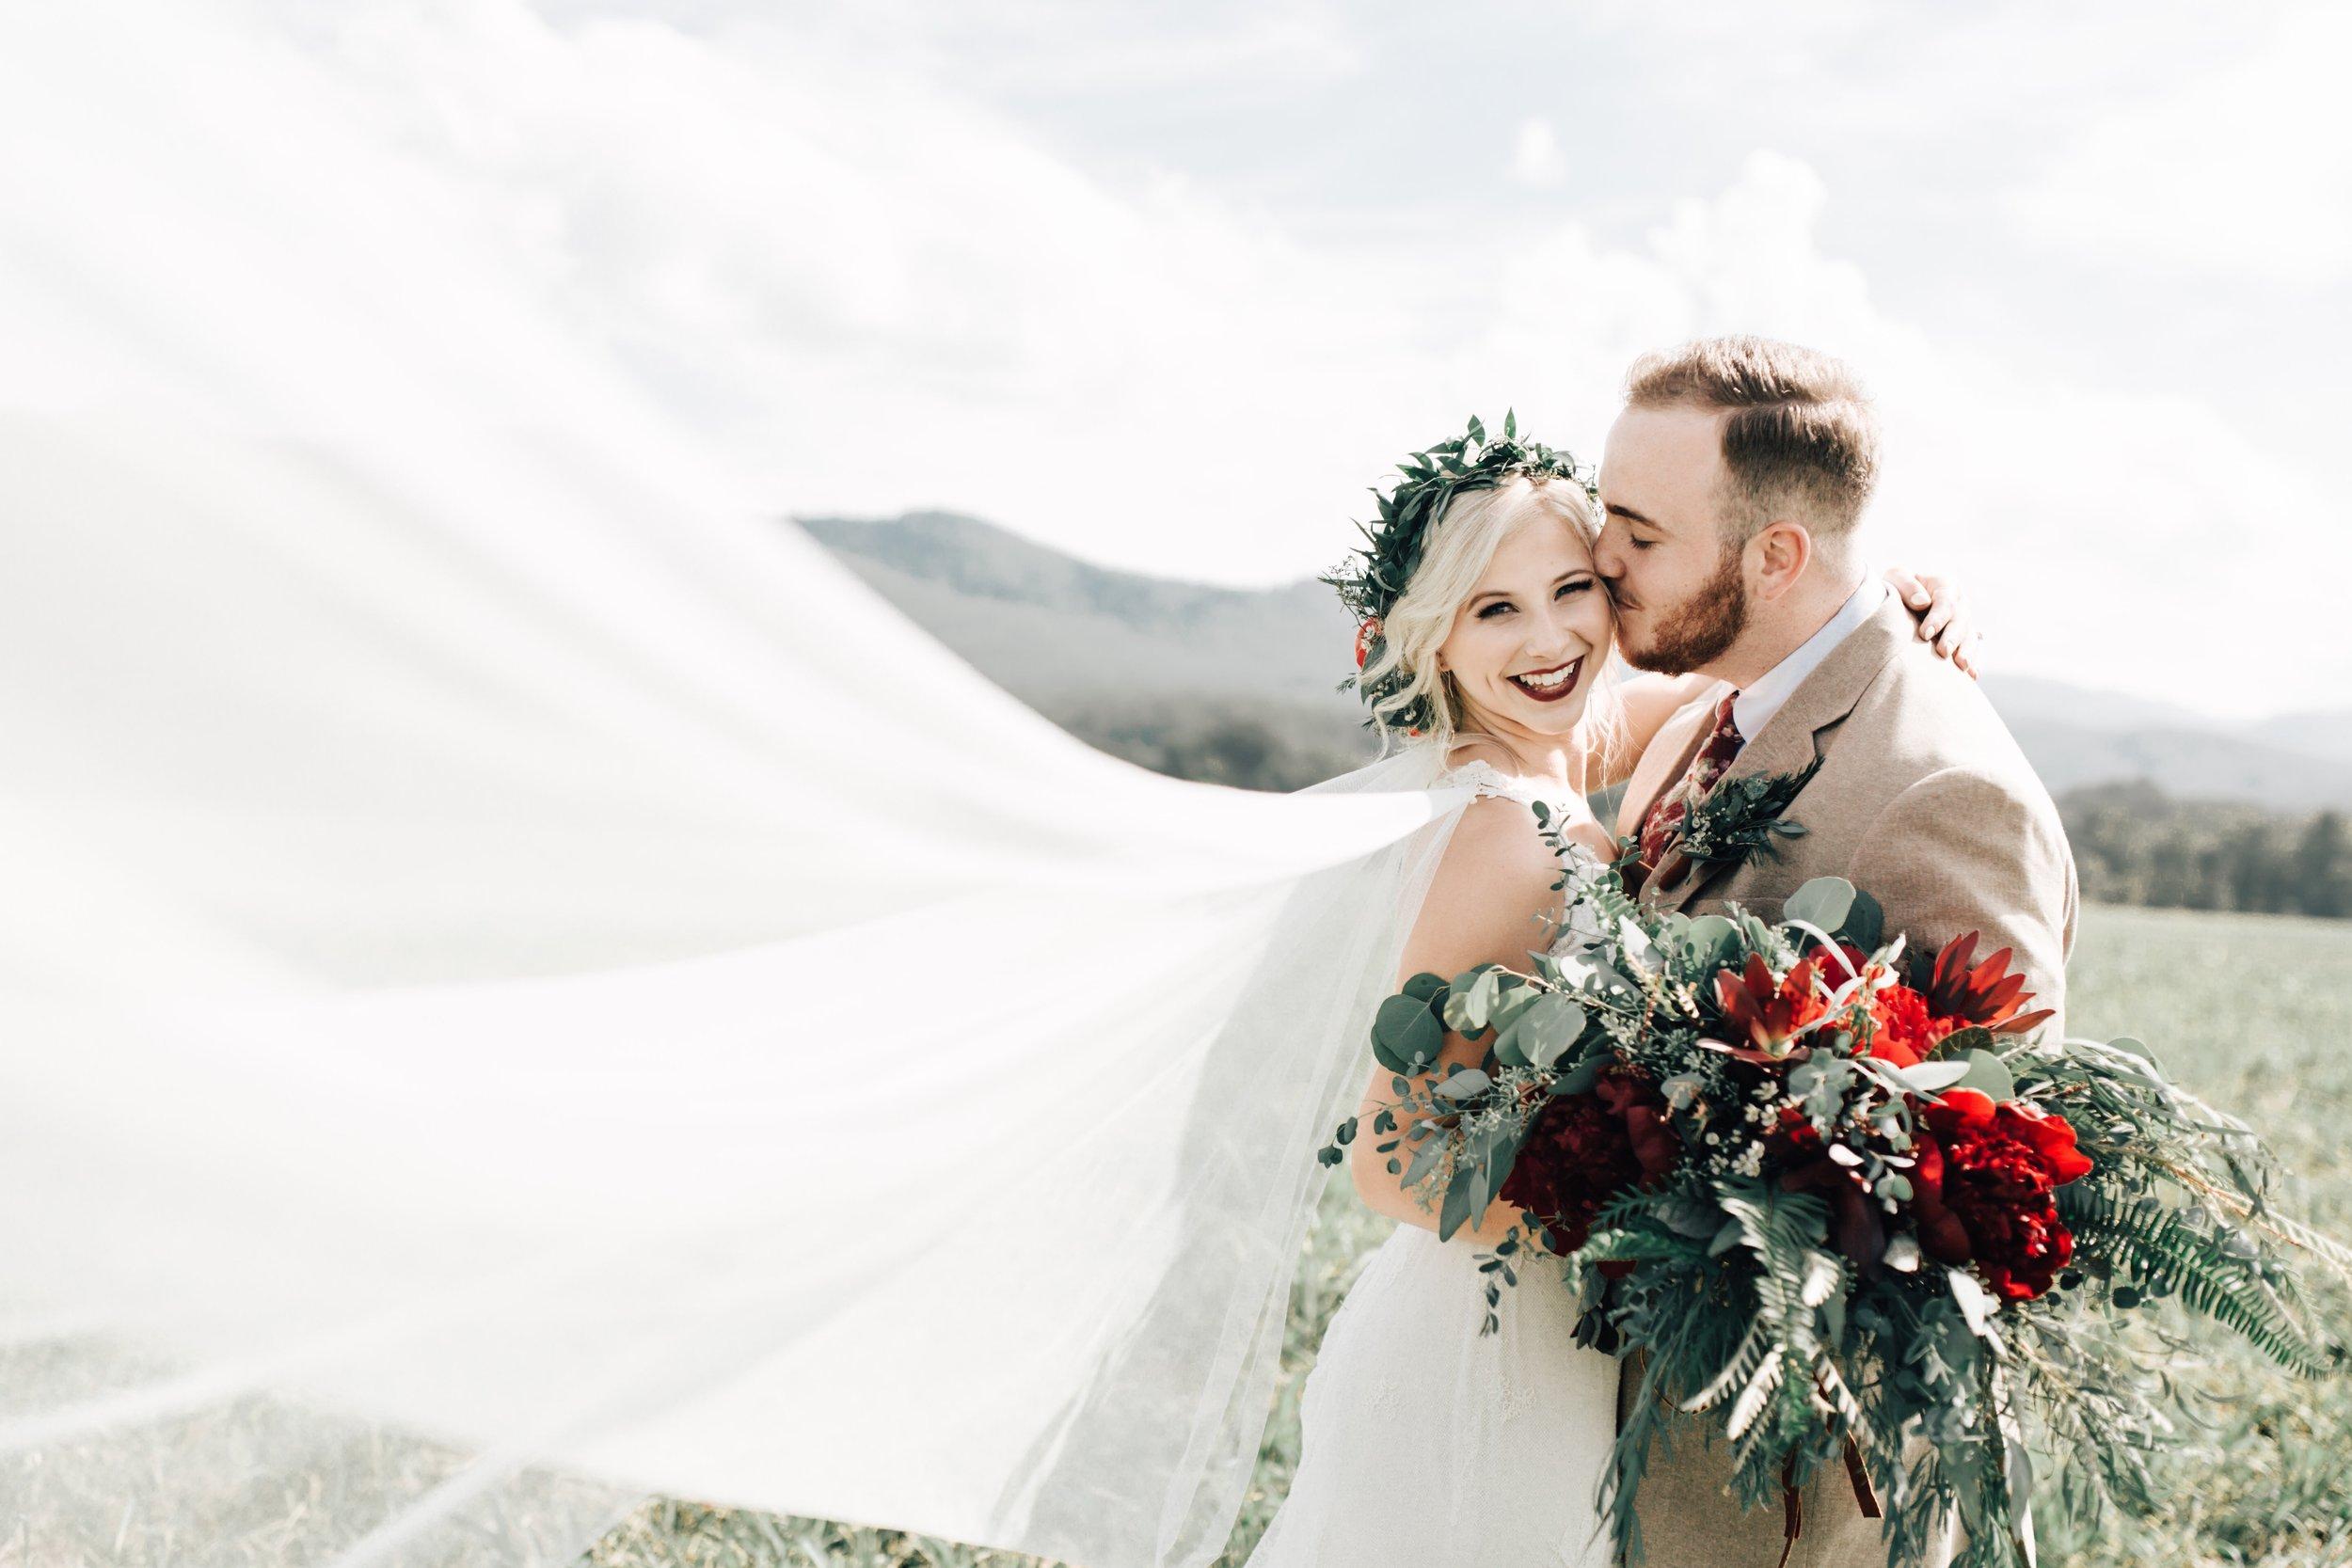 Bridal Cape Veil, Champagne Cape, Wedding Veil, Destination bride, Champagne and GRIT - Copy.png